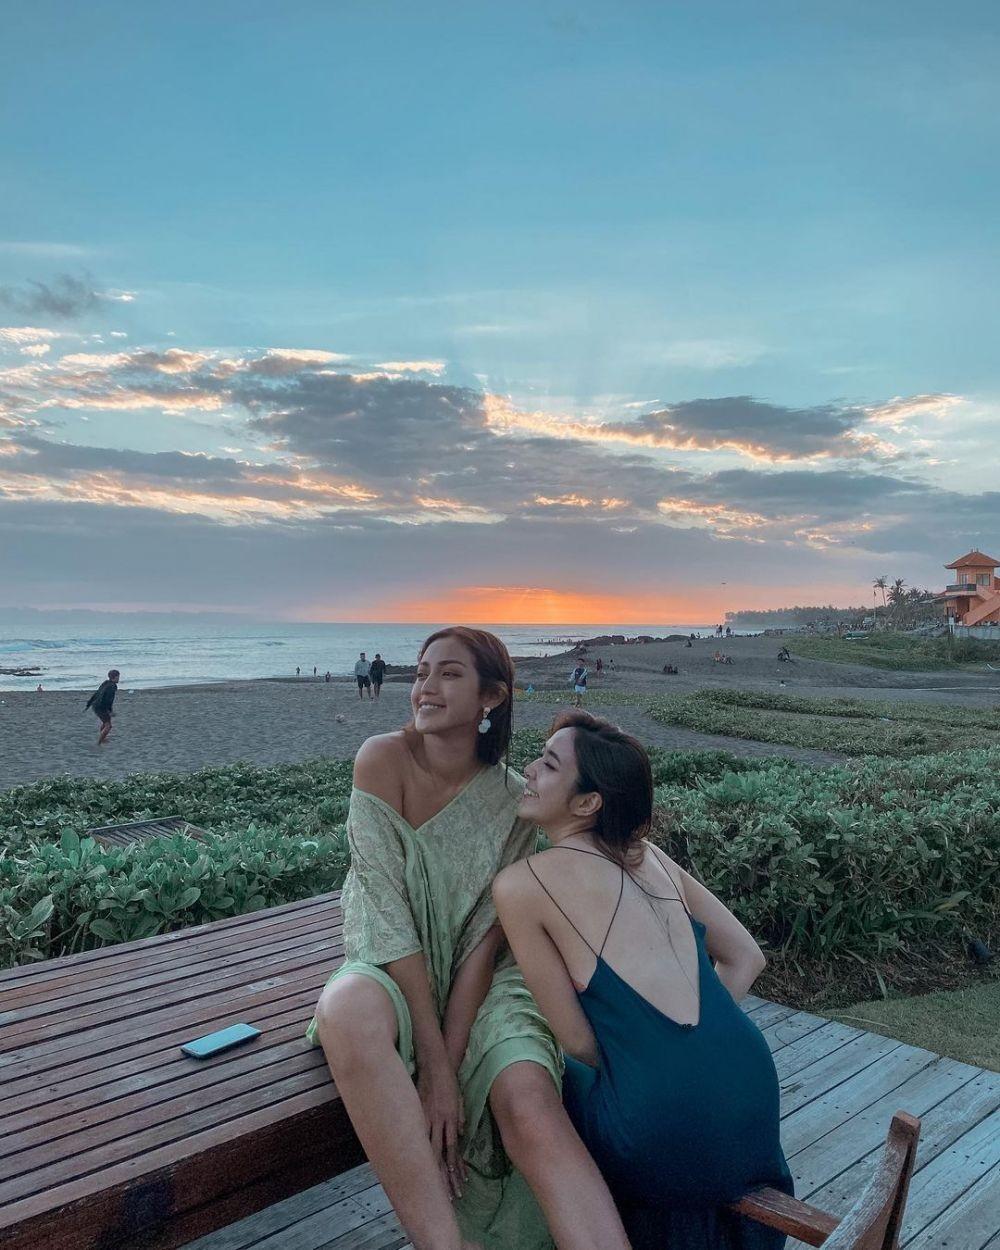 persahabatan gisel dan jessica © Instagram